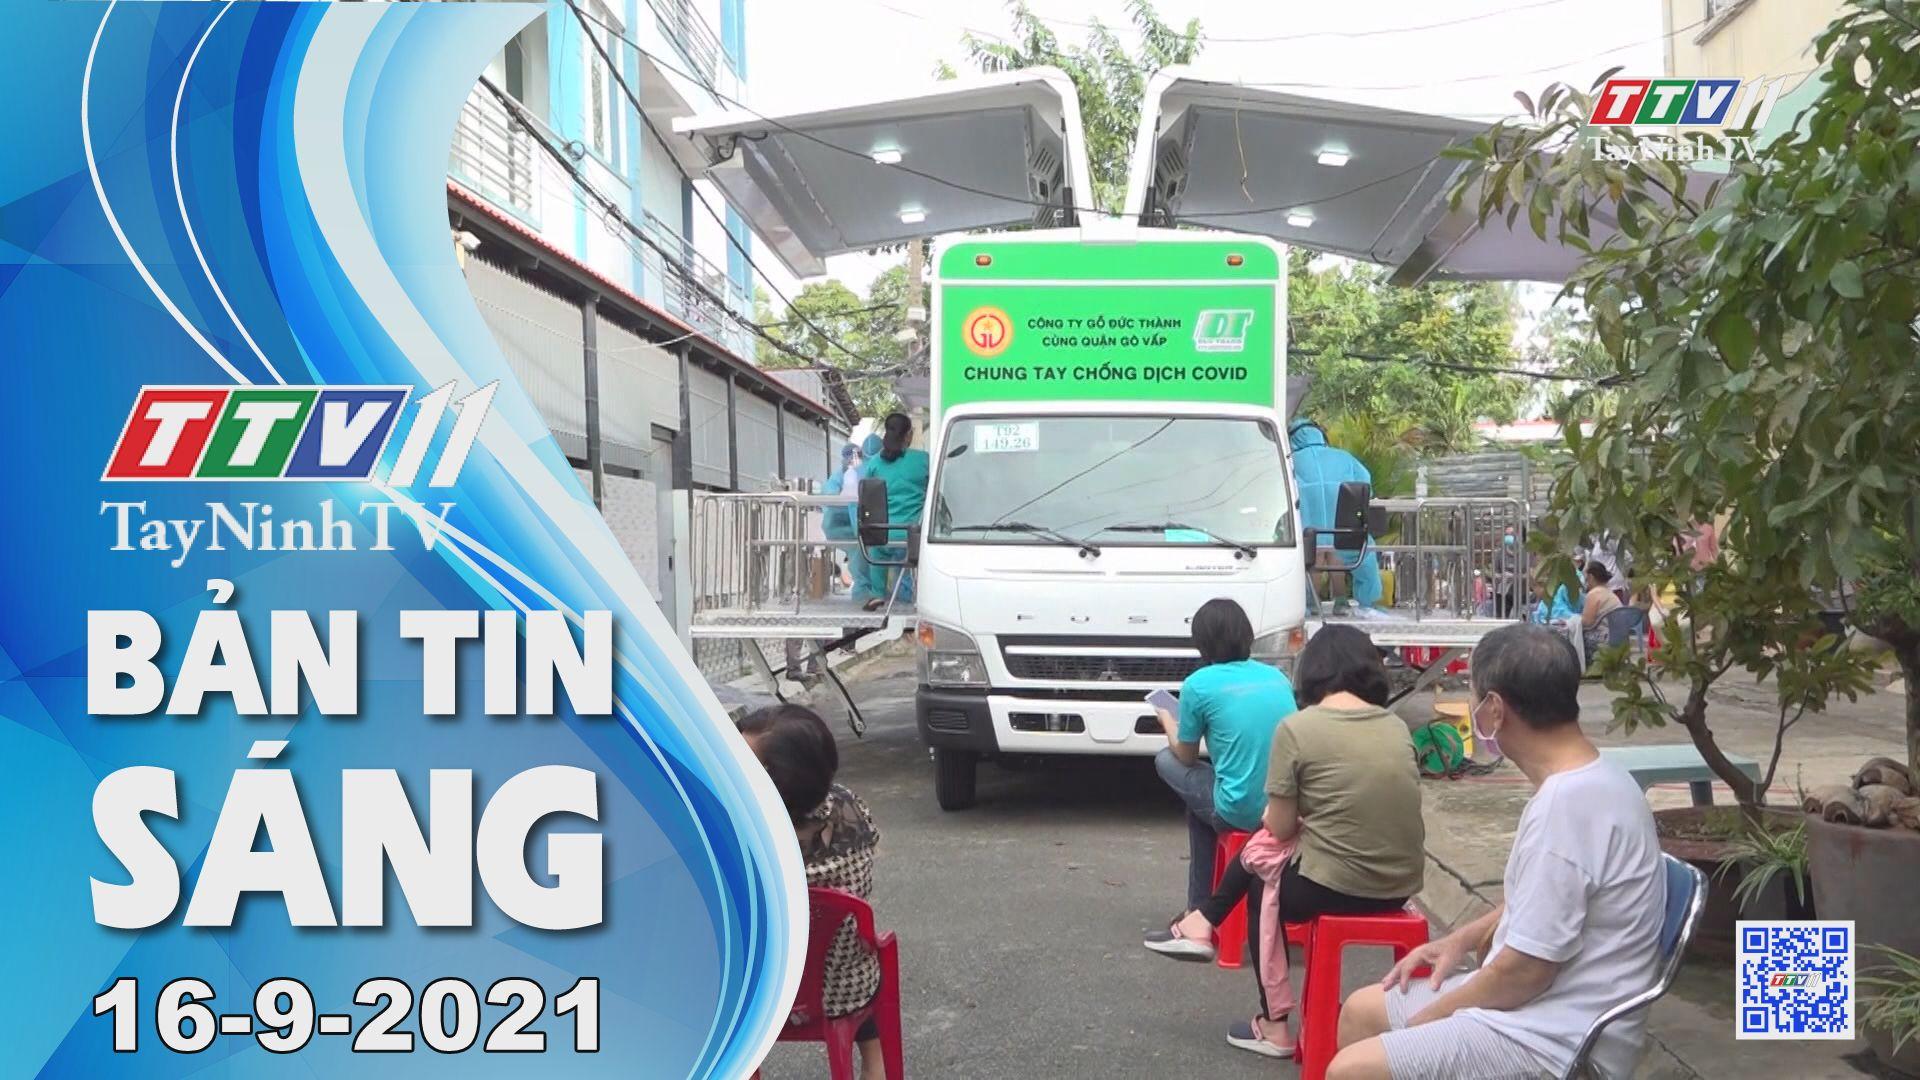 Bản tin sáng 16-9-2021 | Tin tức hôm nay | TayNinhTV